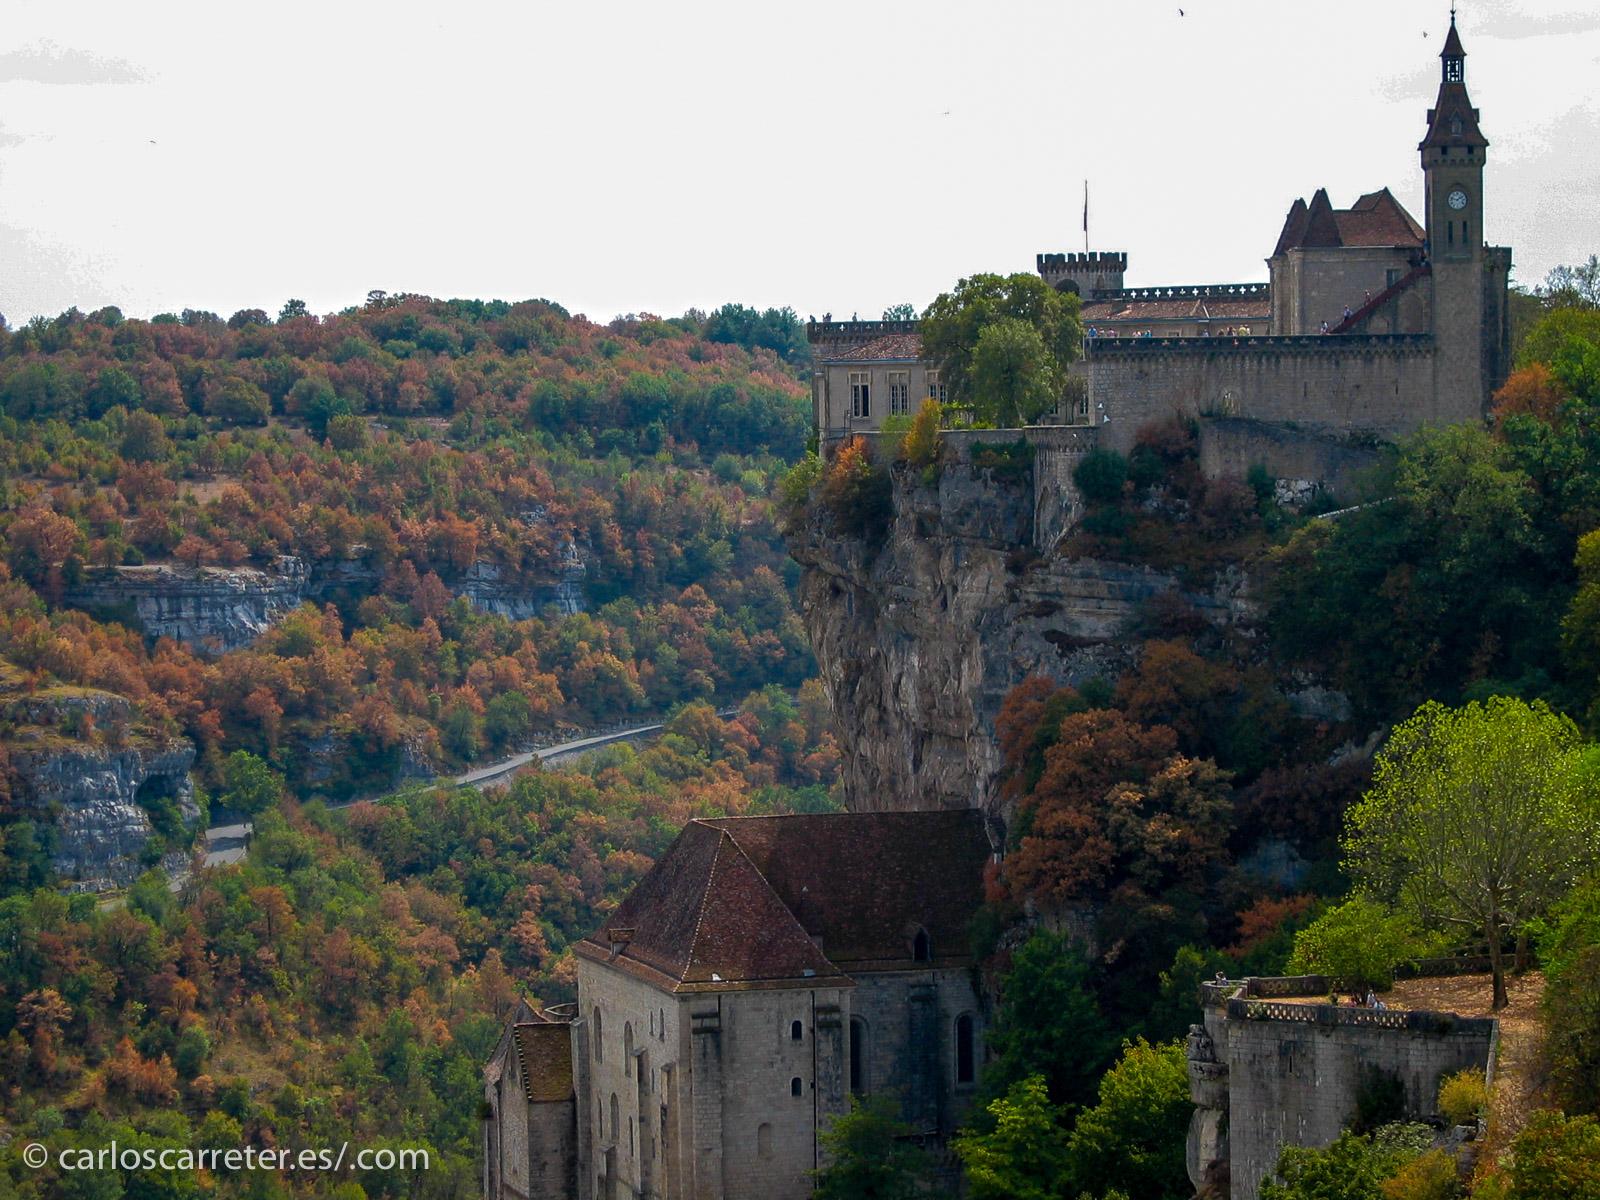 En ausencia de fotografías de la región donde sea ha rodado la película, nos pasearemos también por Francia, pero por el Quercy. Cuyo lugar más visitado y característico es el santuario de Rocamadour.